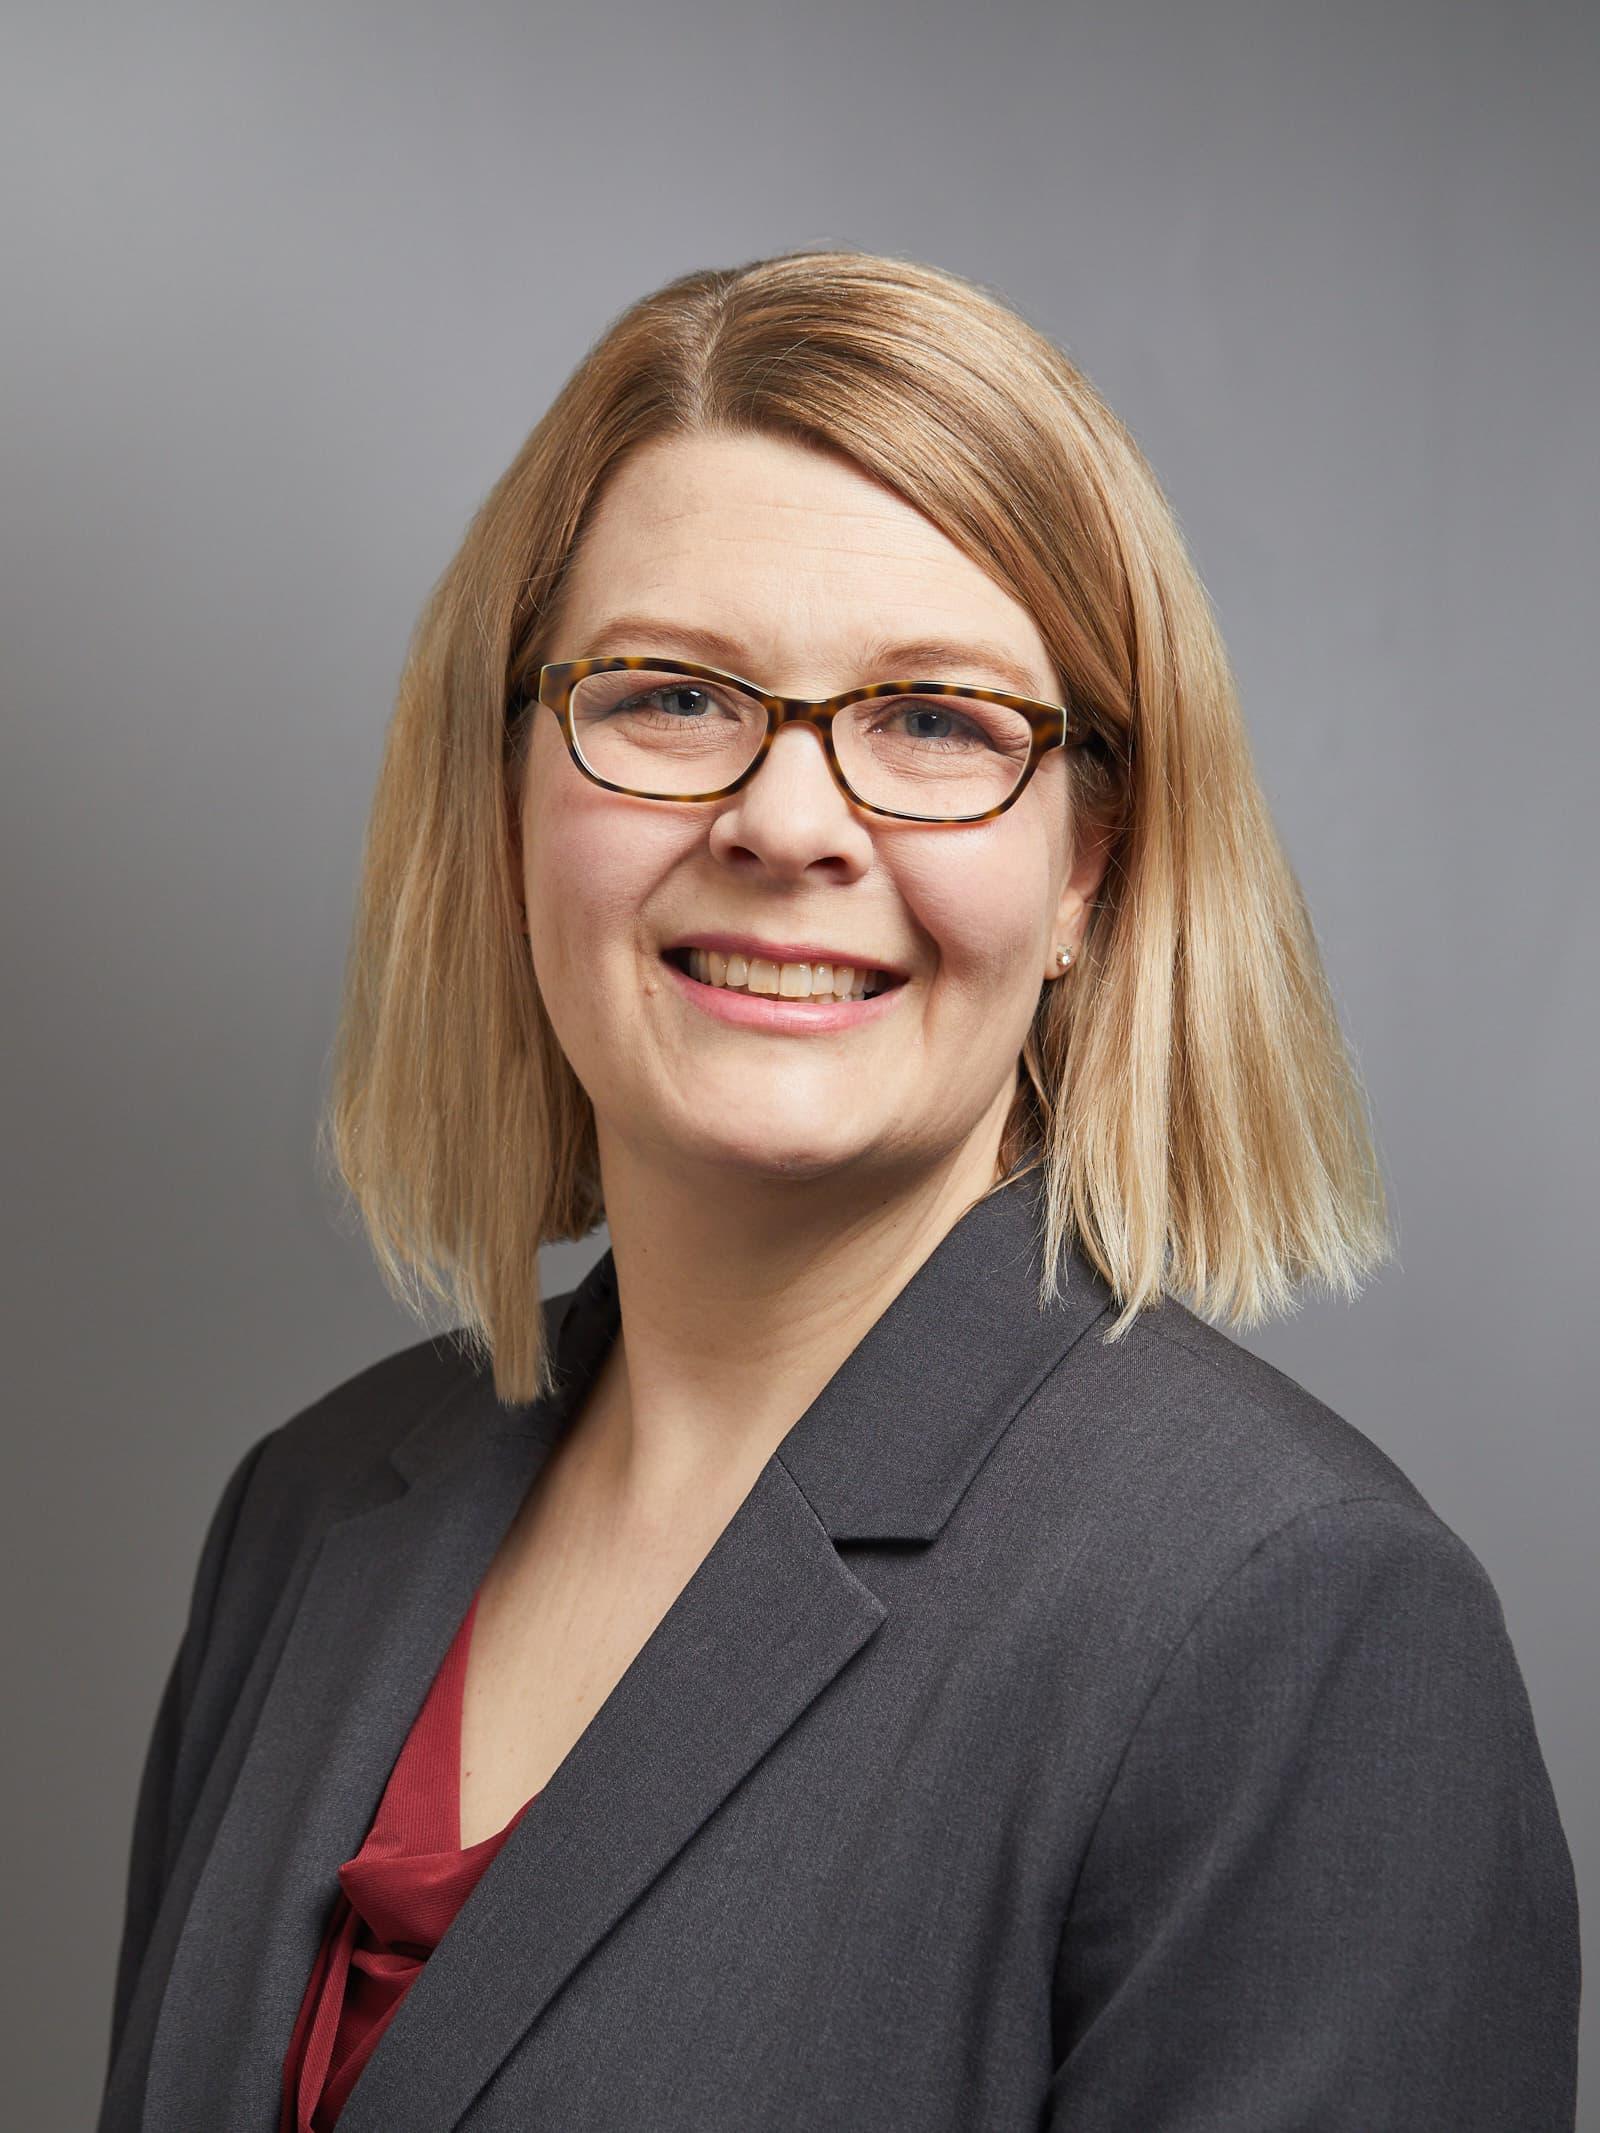 Britt Tonnessen